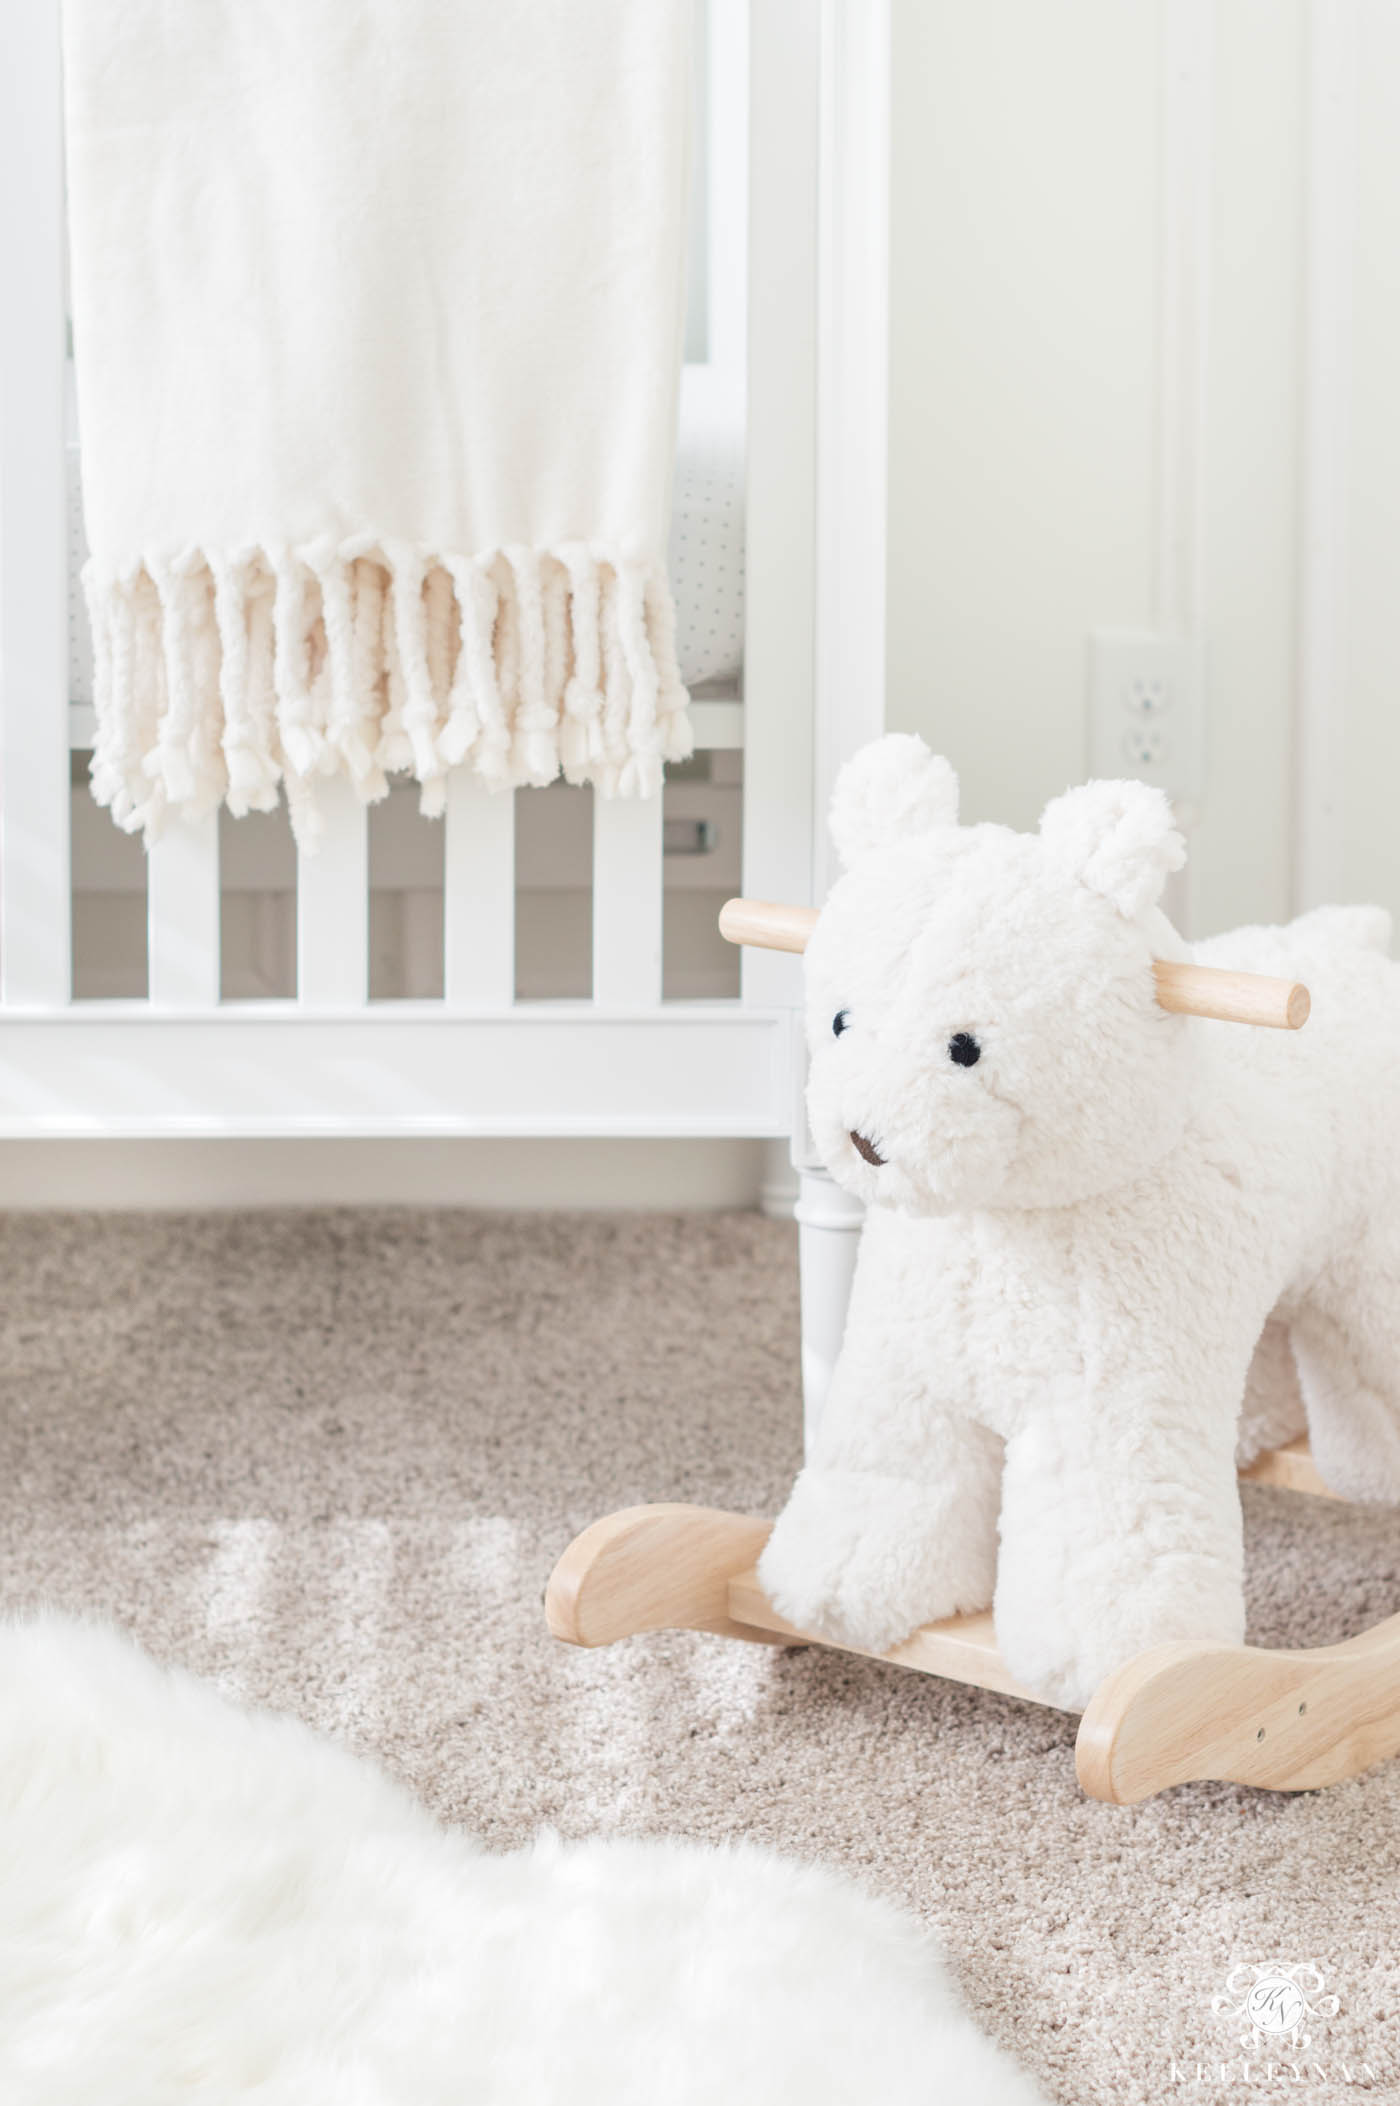 Nursery Design ideas for boys and girls